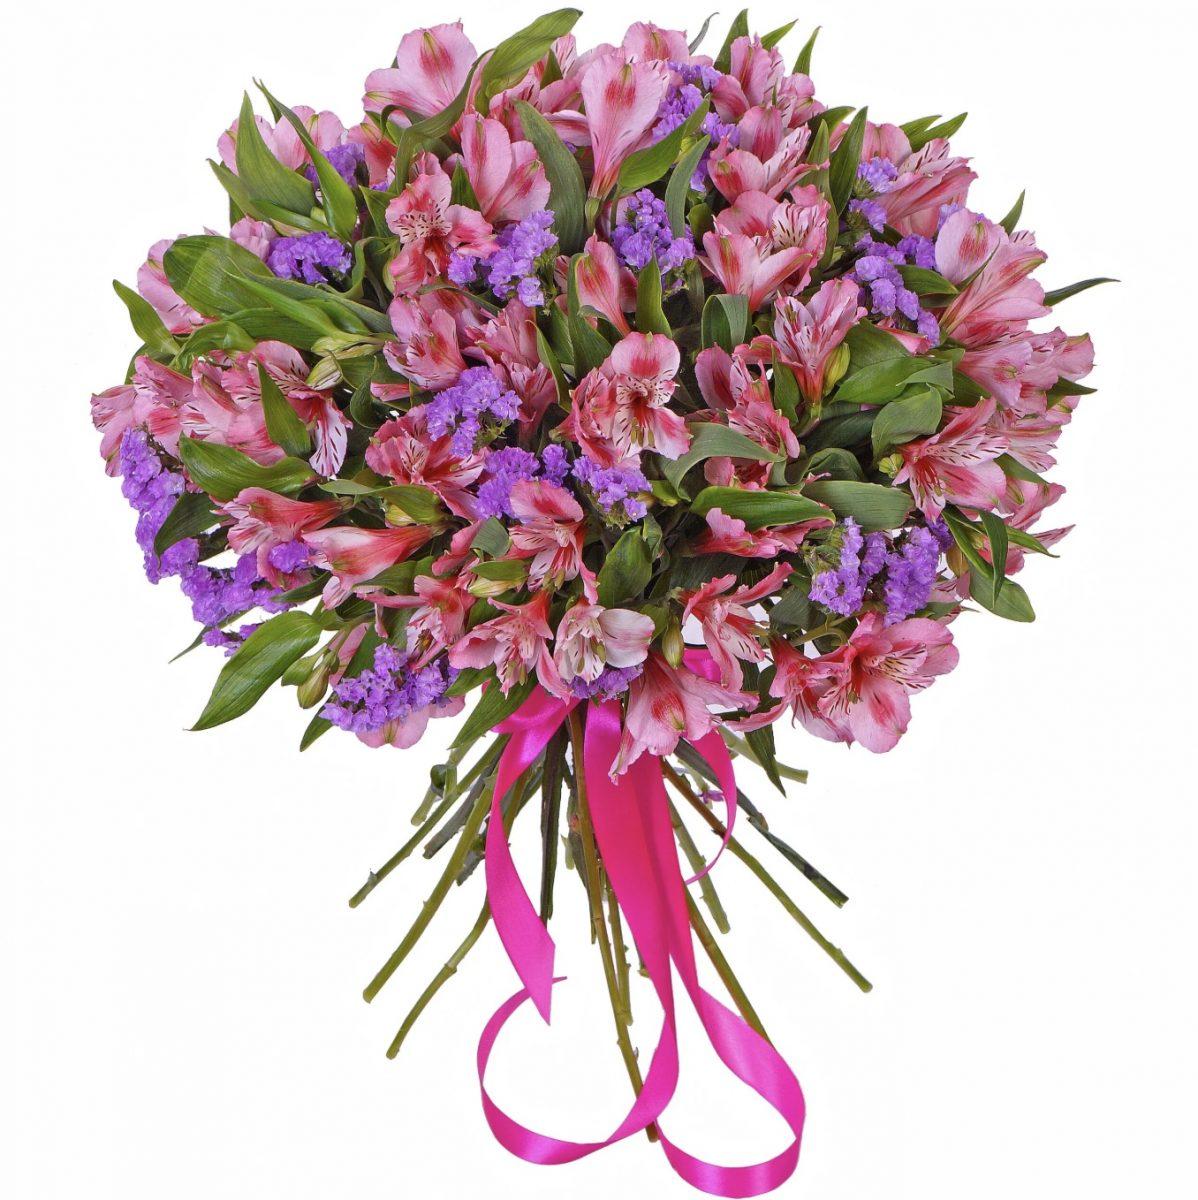 Иваново доставкой, цветы для букета названия по алфавиту